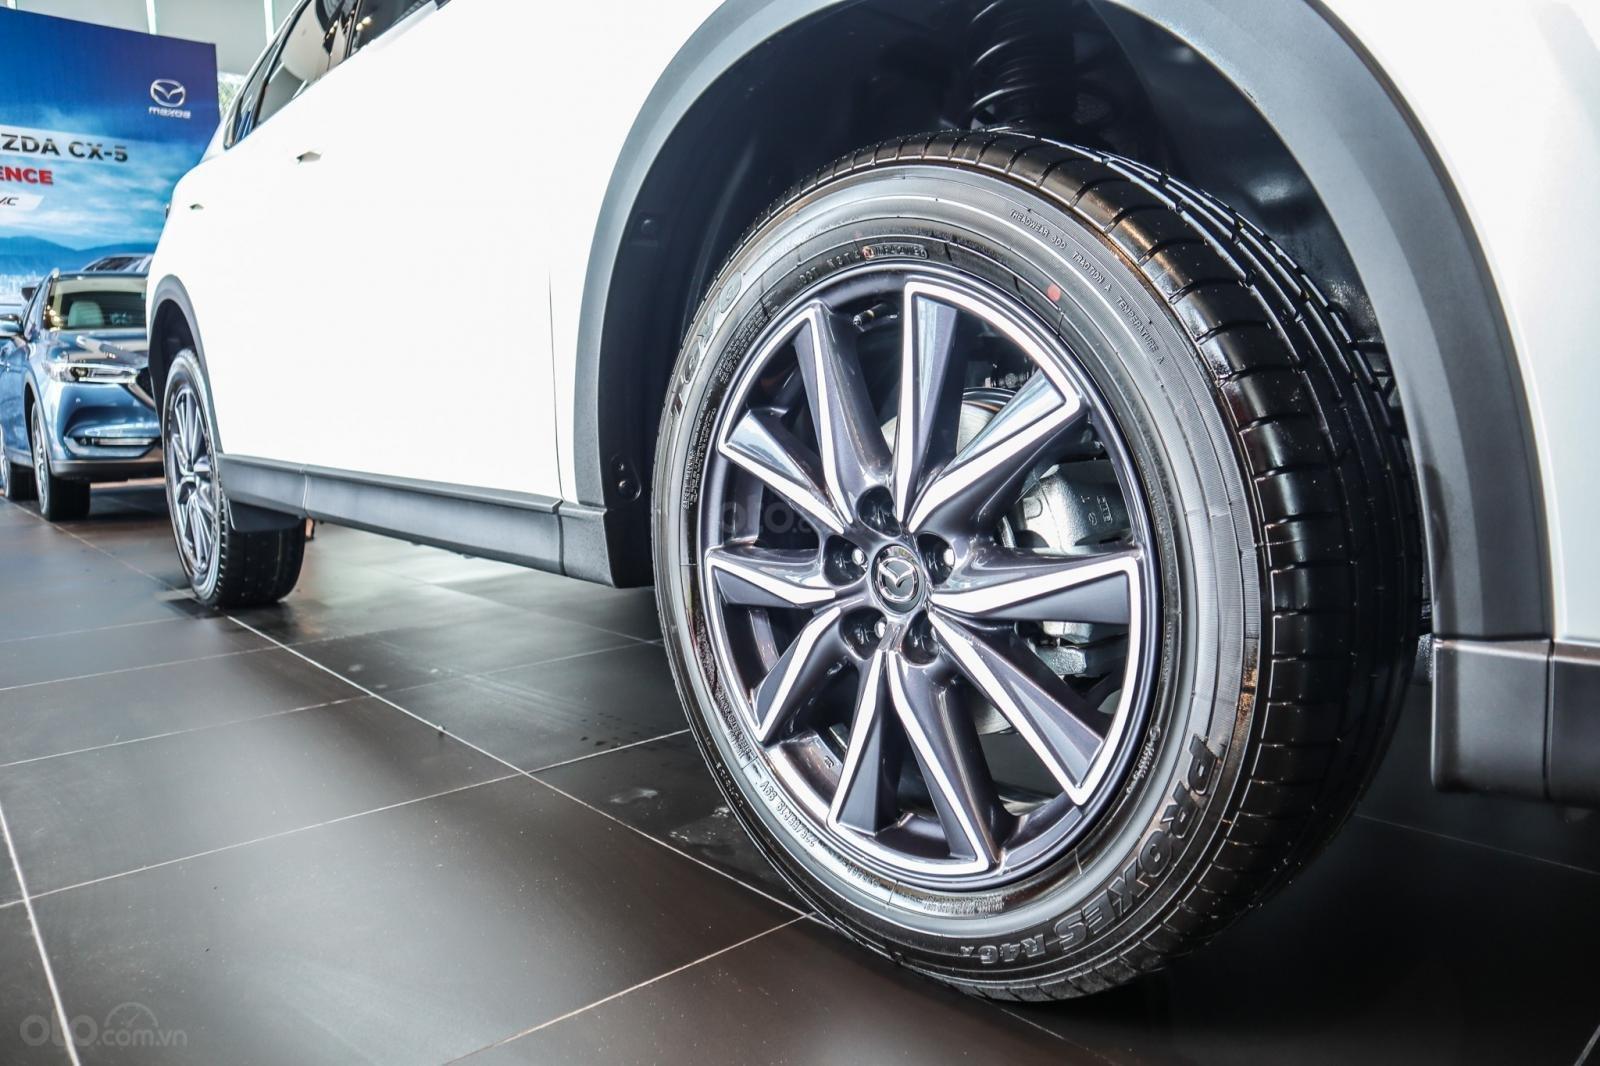 Mazda CX5 giá từ 849 triệu, xe giao ngay, đủ màu, phiên bản, liên hệ ngay với chúng tôi để nhận được ưu đãi tốt nhất (9)